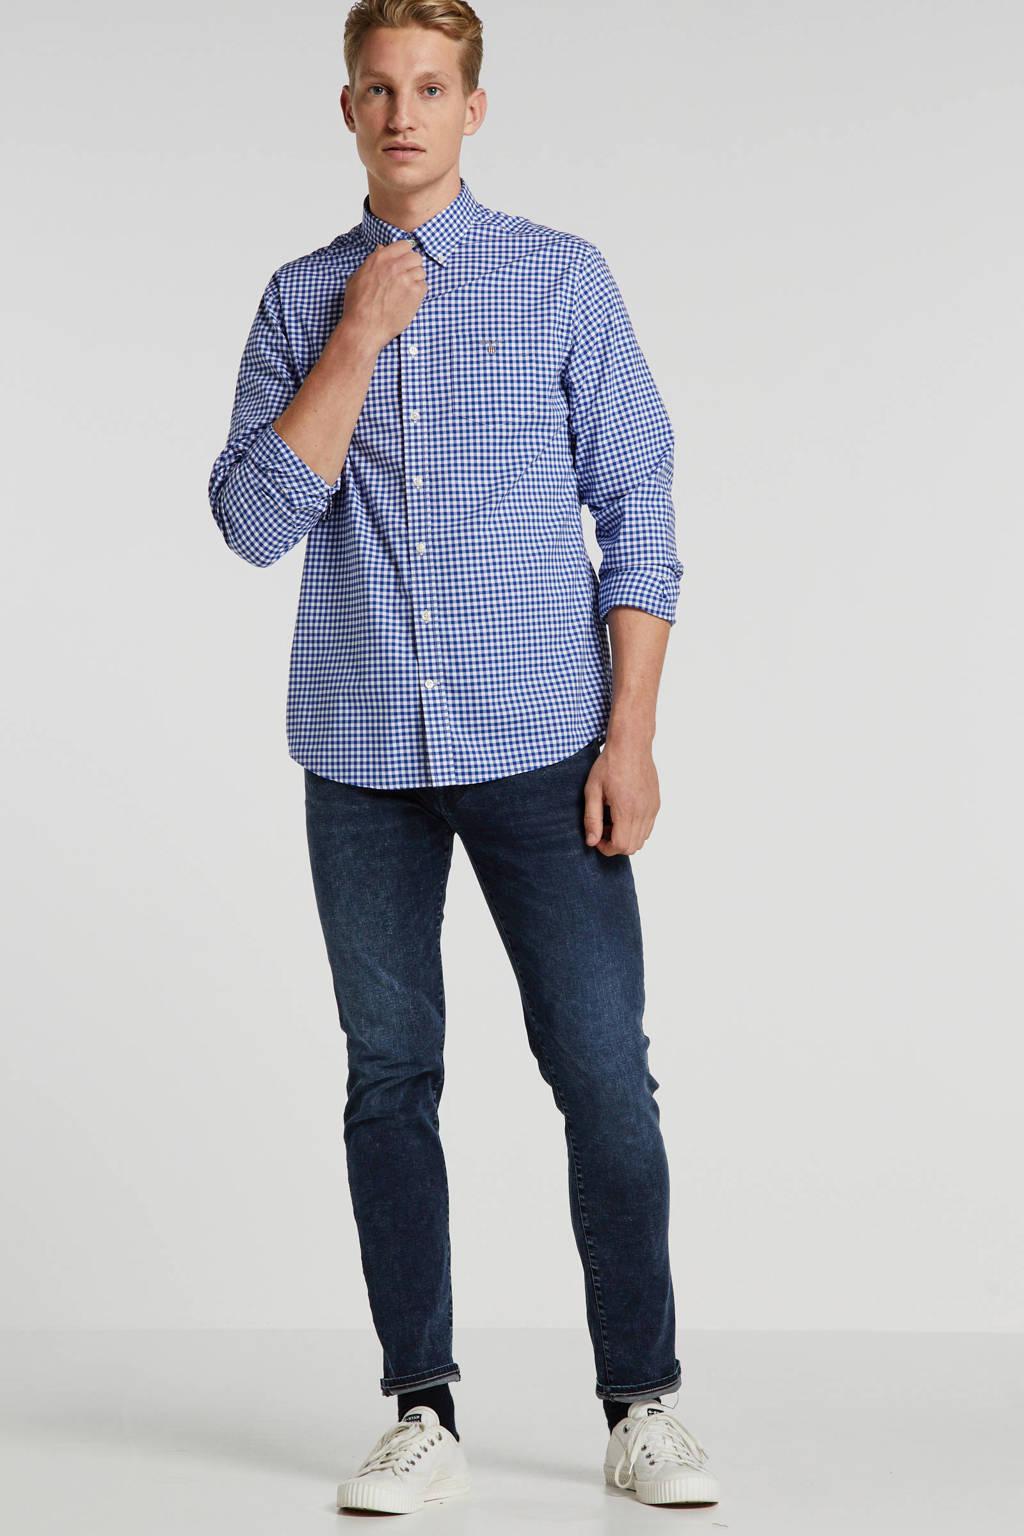 GANT geruit regular fit overhemd blauw/wit, Blauw/wit